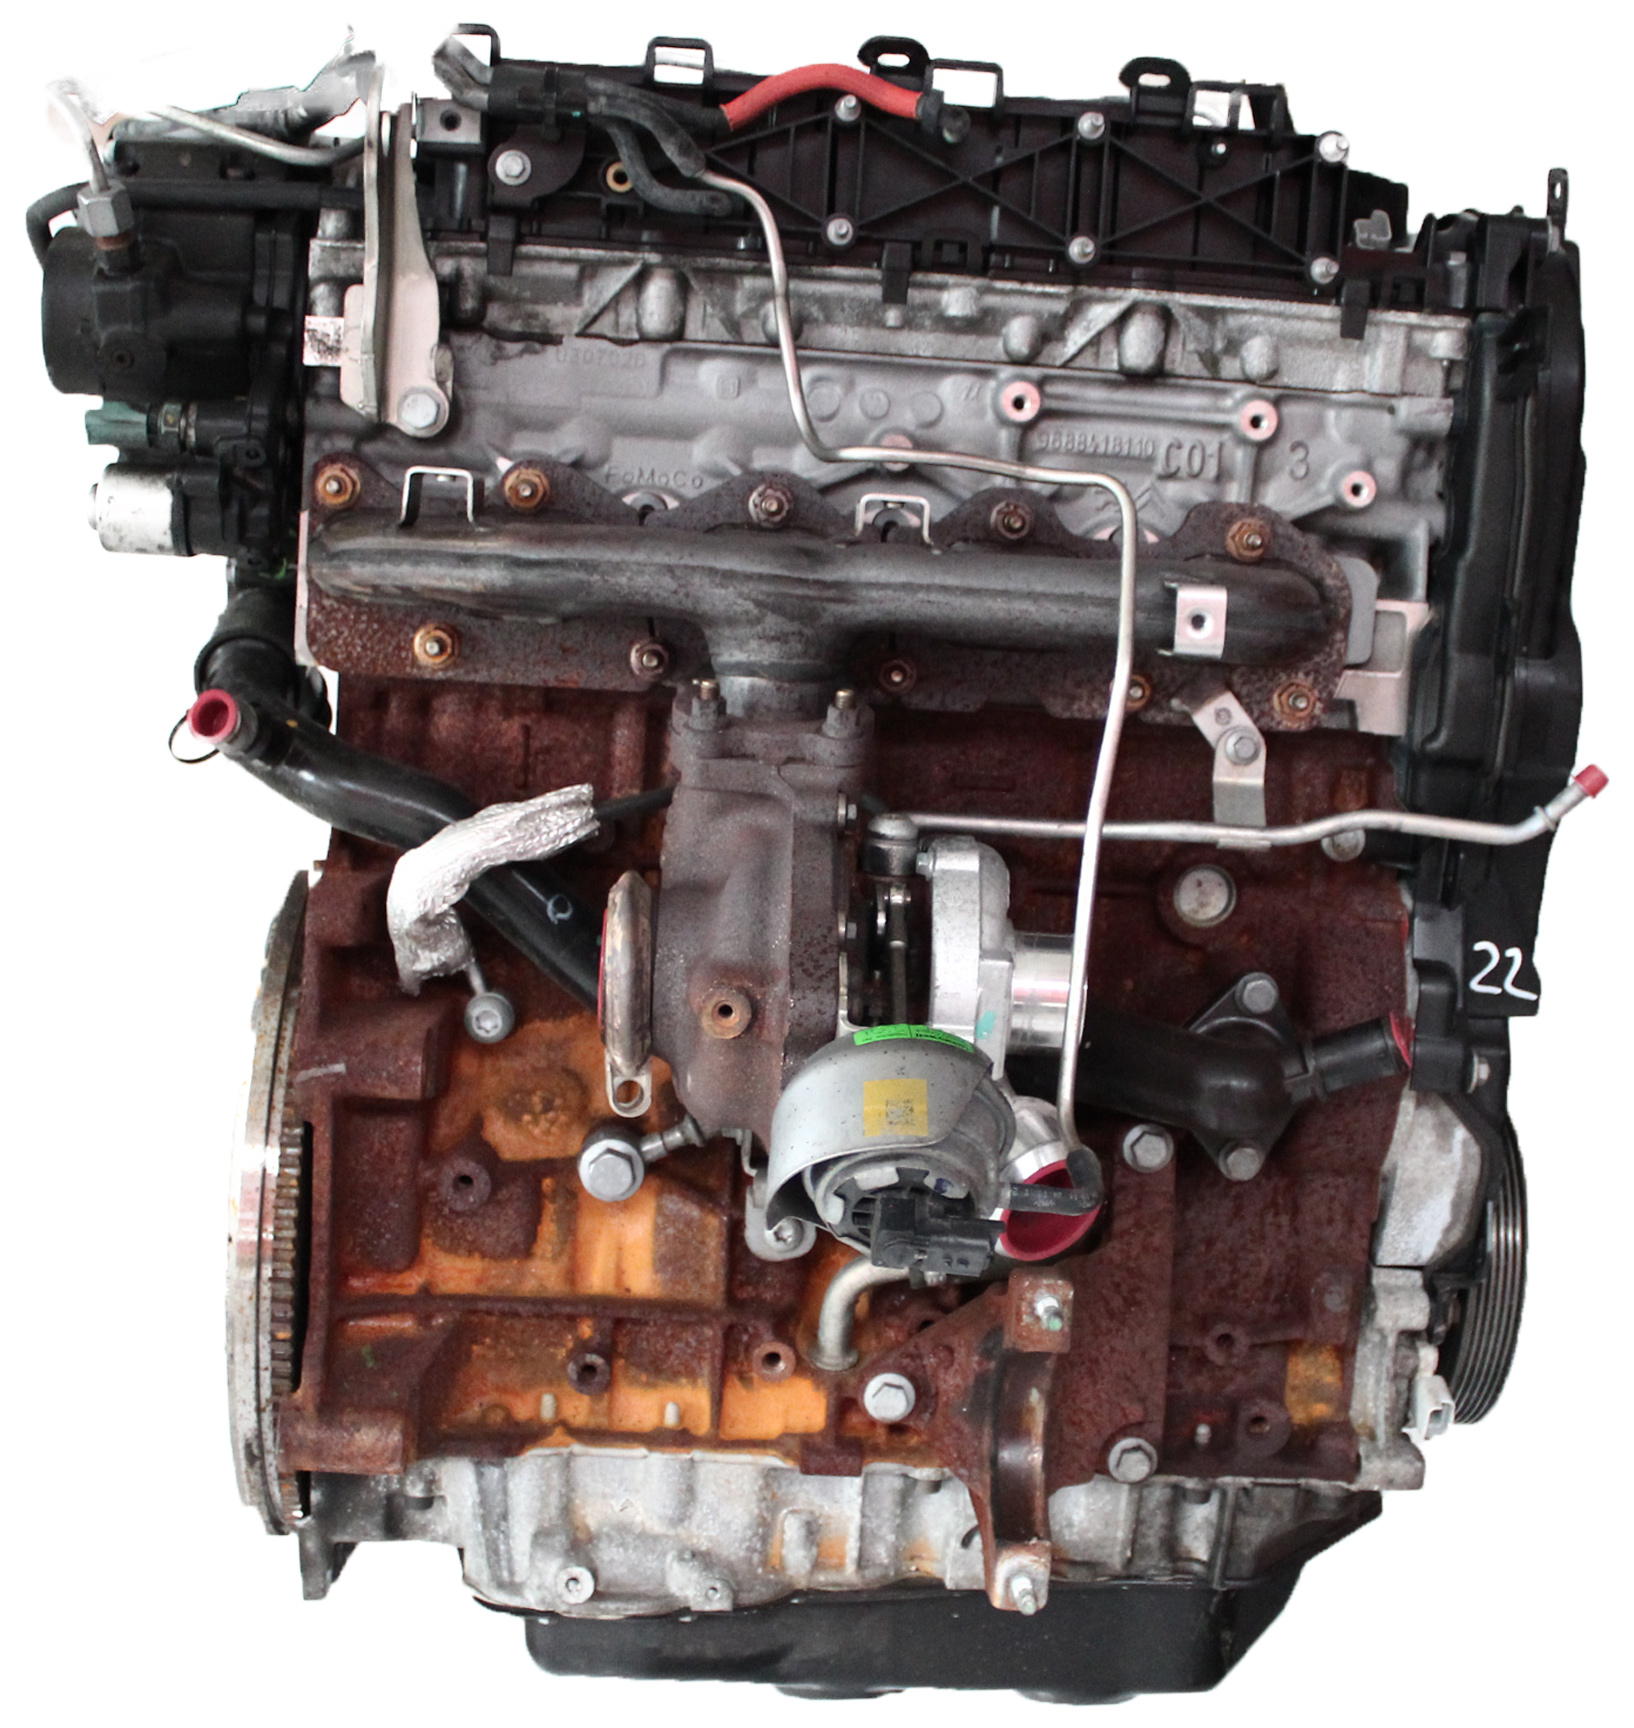 Motor 2011 Ford 2,0 TDCI Diesel UFDB mit Anbauteilen